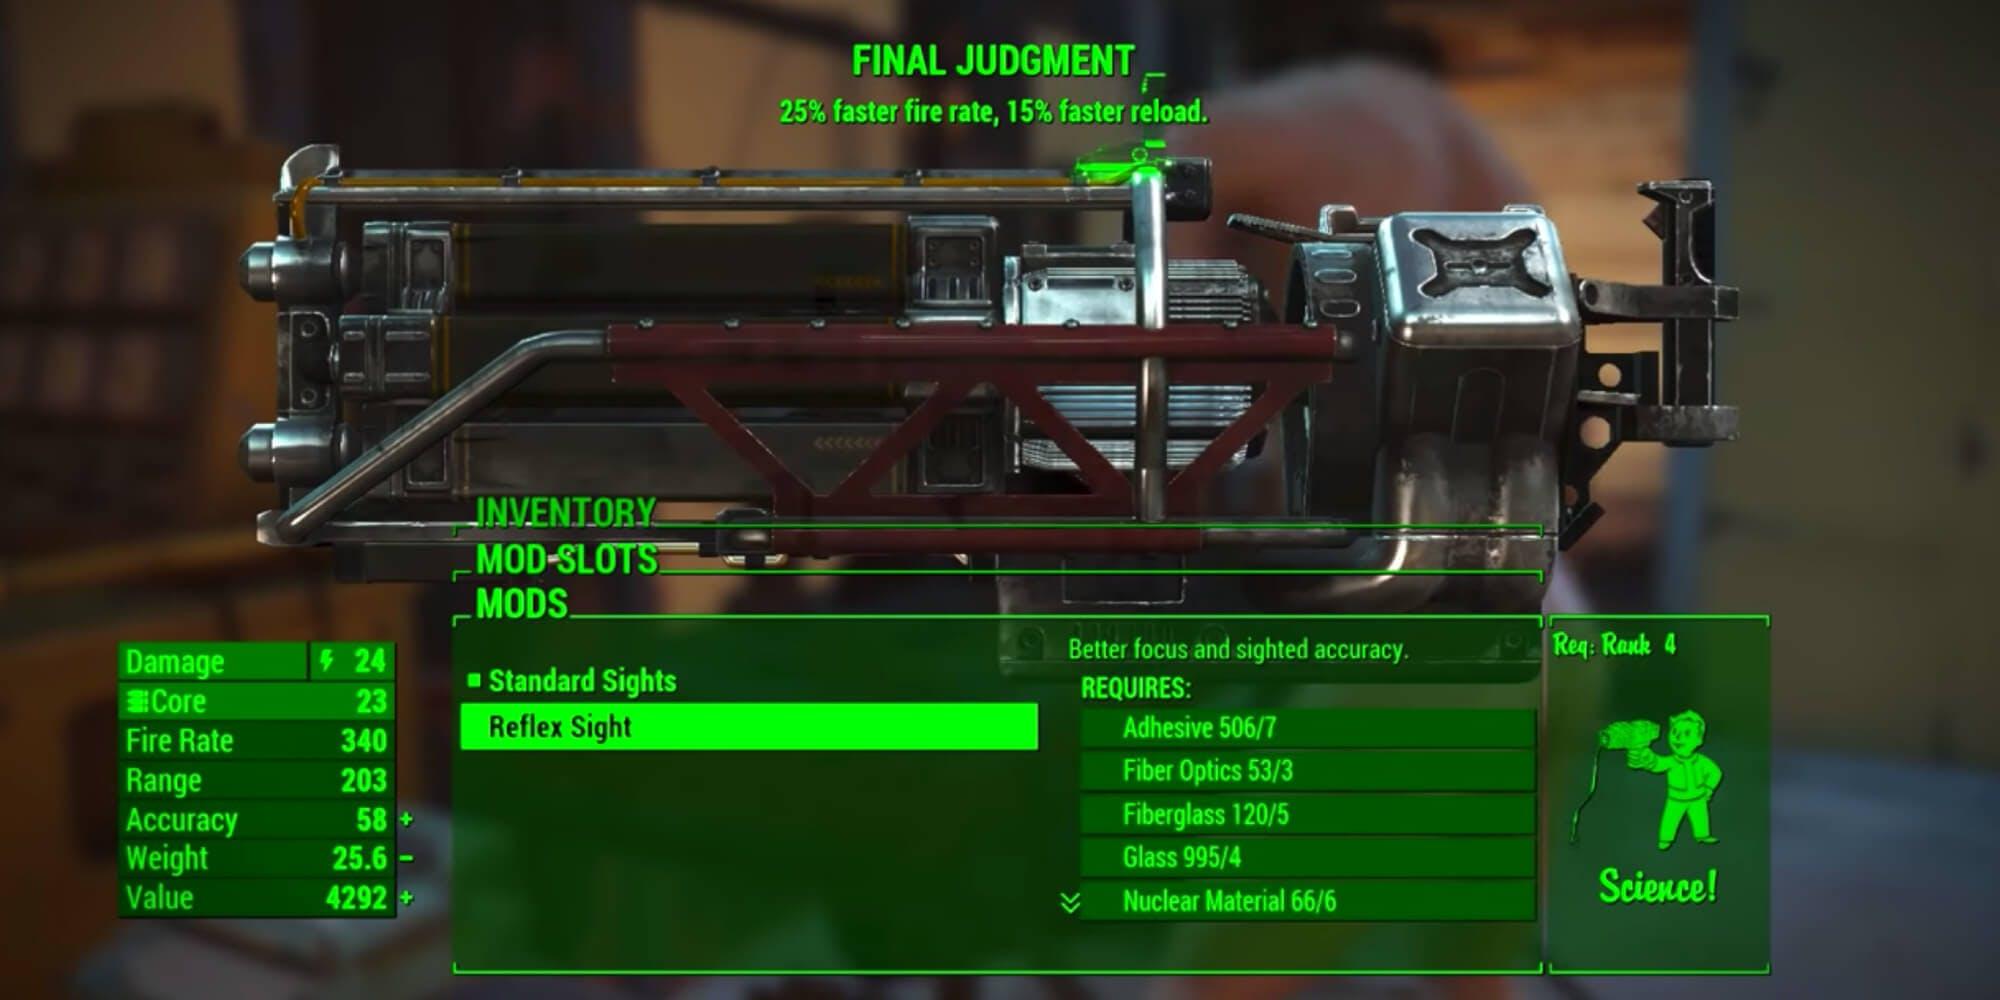 Fallout 4 - Final Judgement